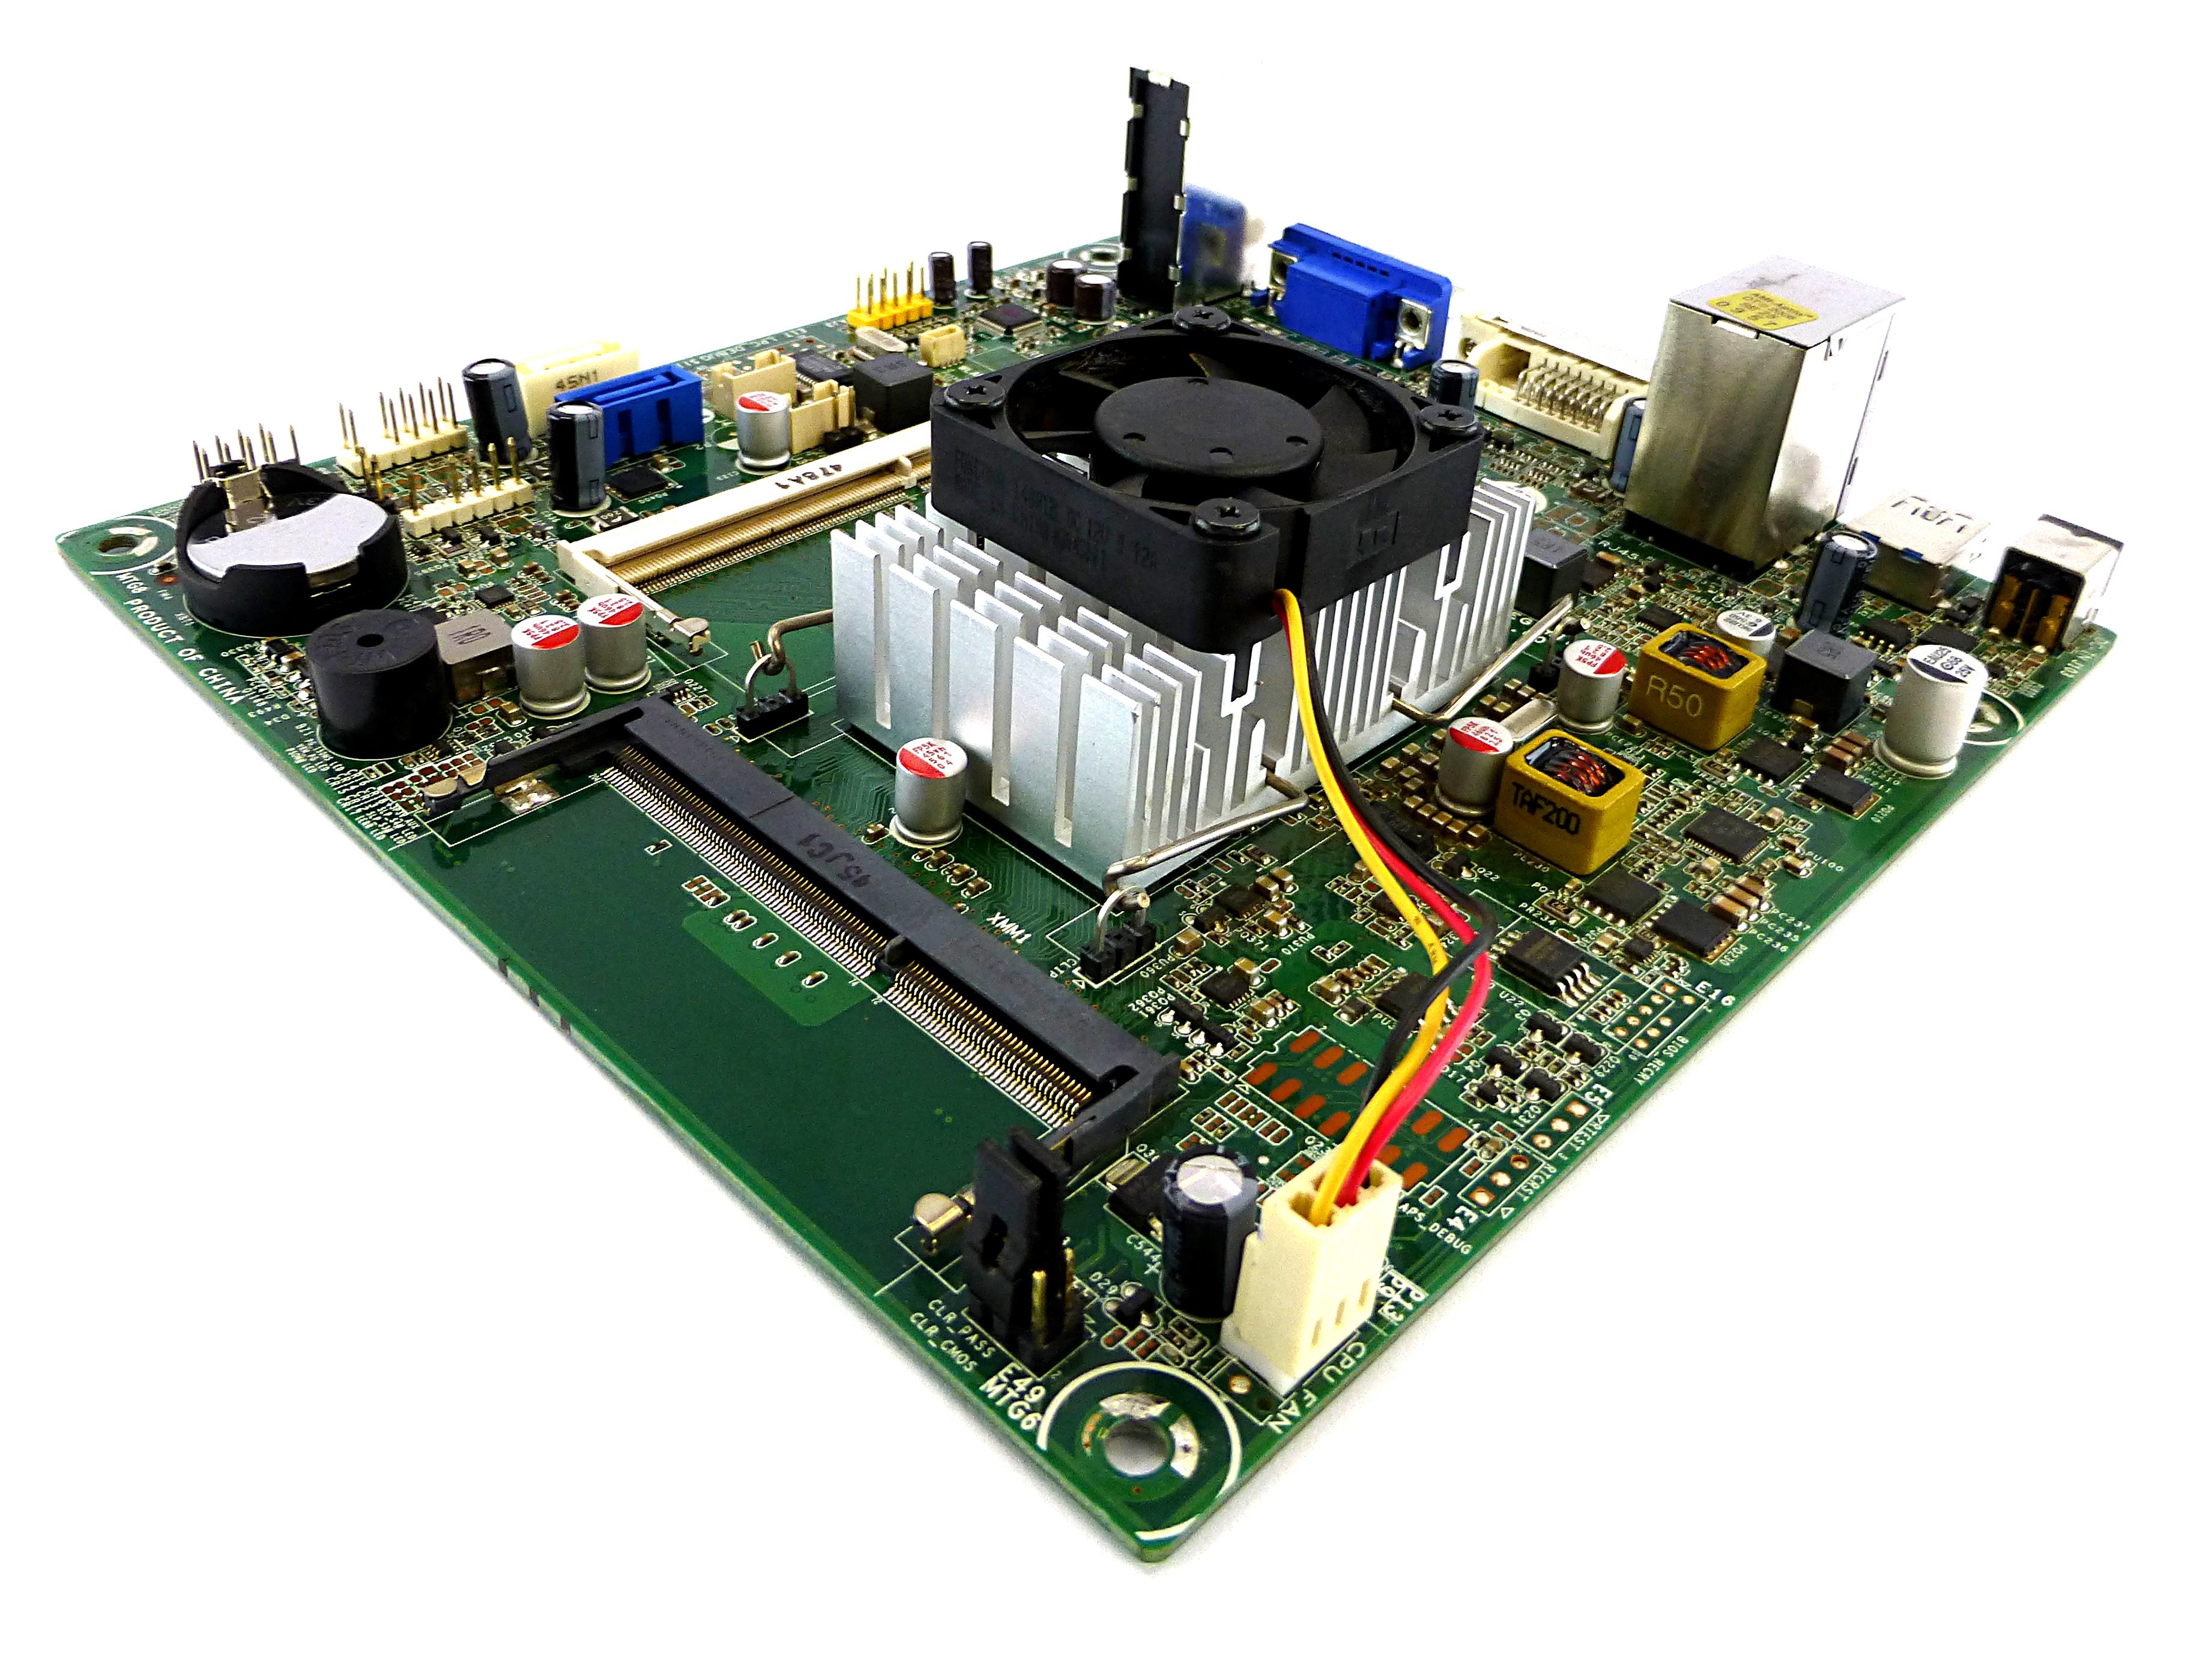 762024-001 HP D530 Pentium J2900 2.41GHz DDR3 NUTMEG Mini-ITX Motherboard Rev:1